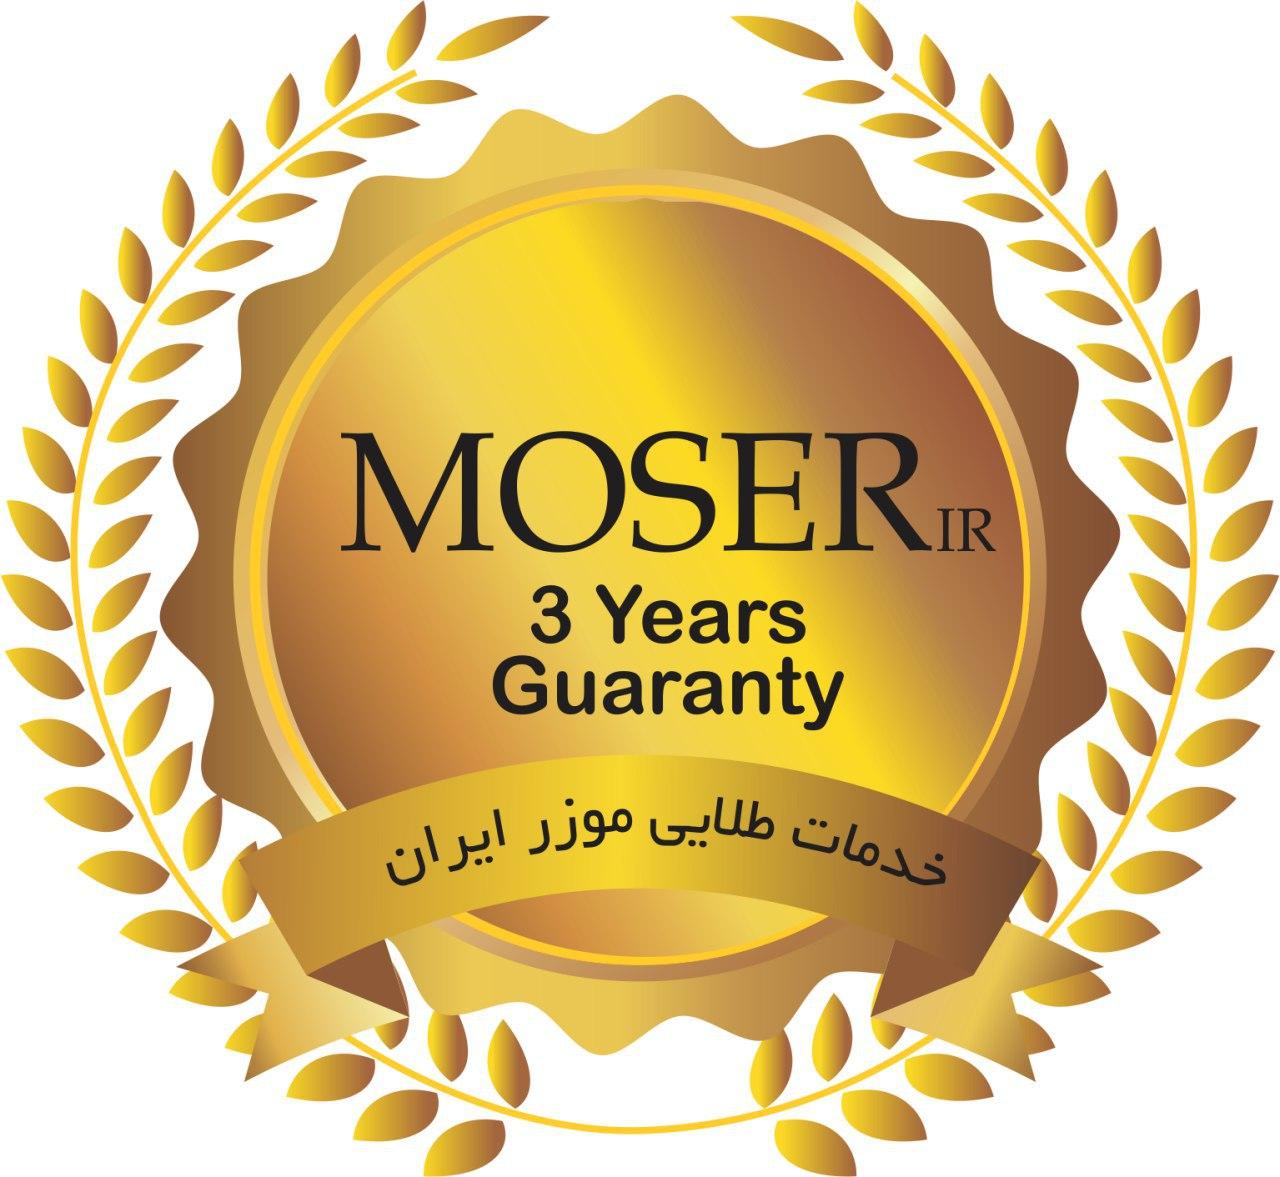 لوگو خدمات طلایی موزر ایران